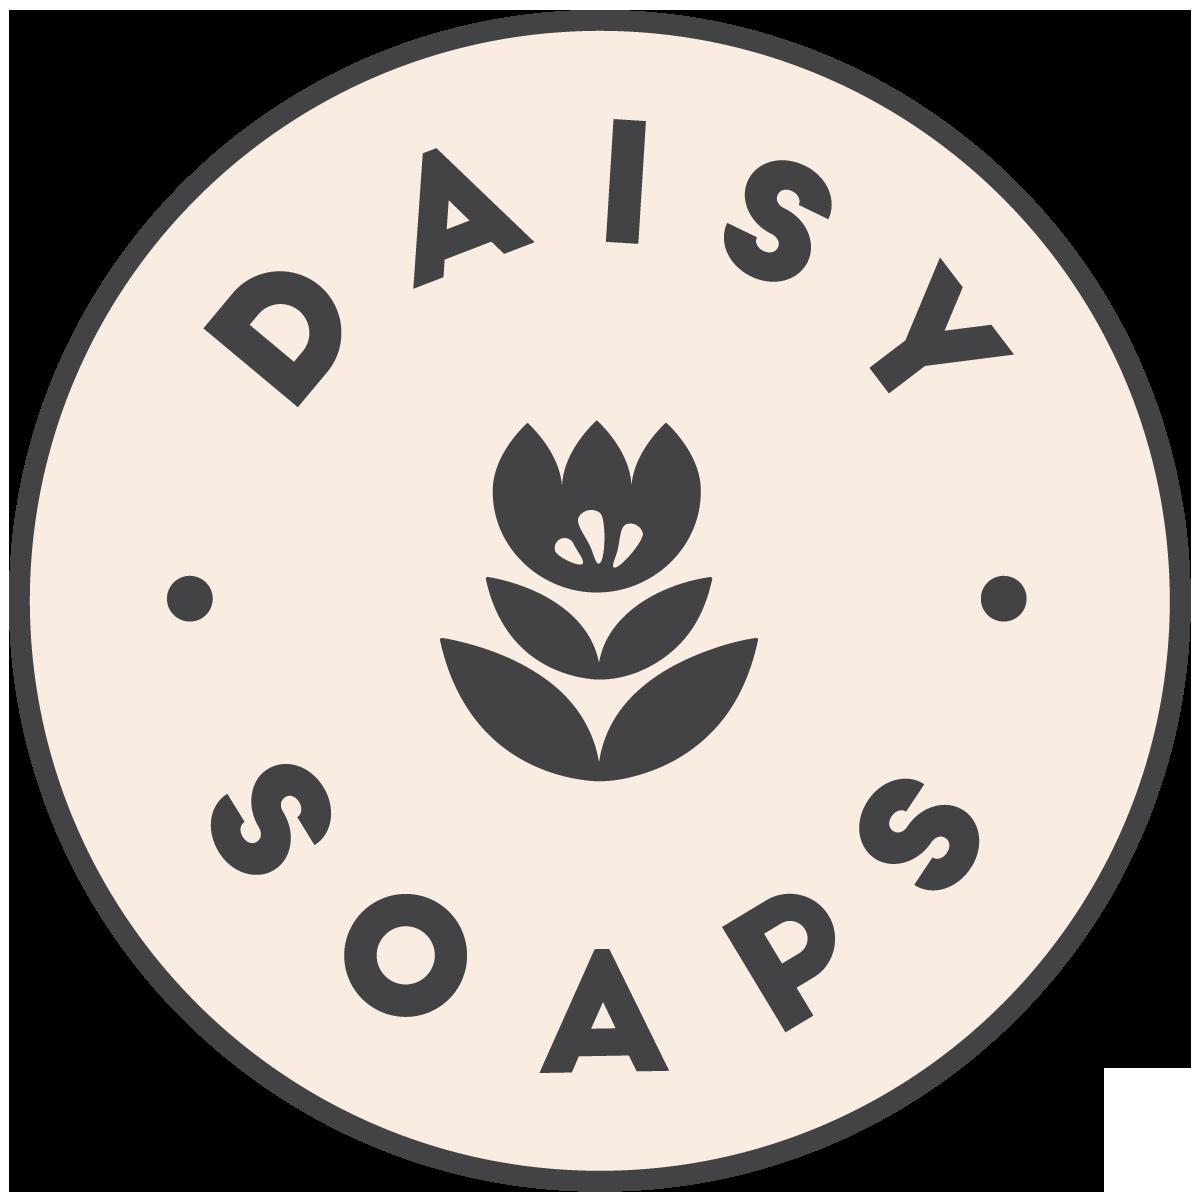 Daisy Soaps